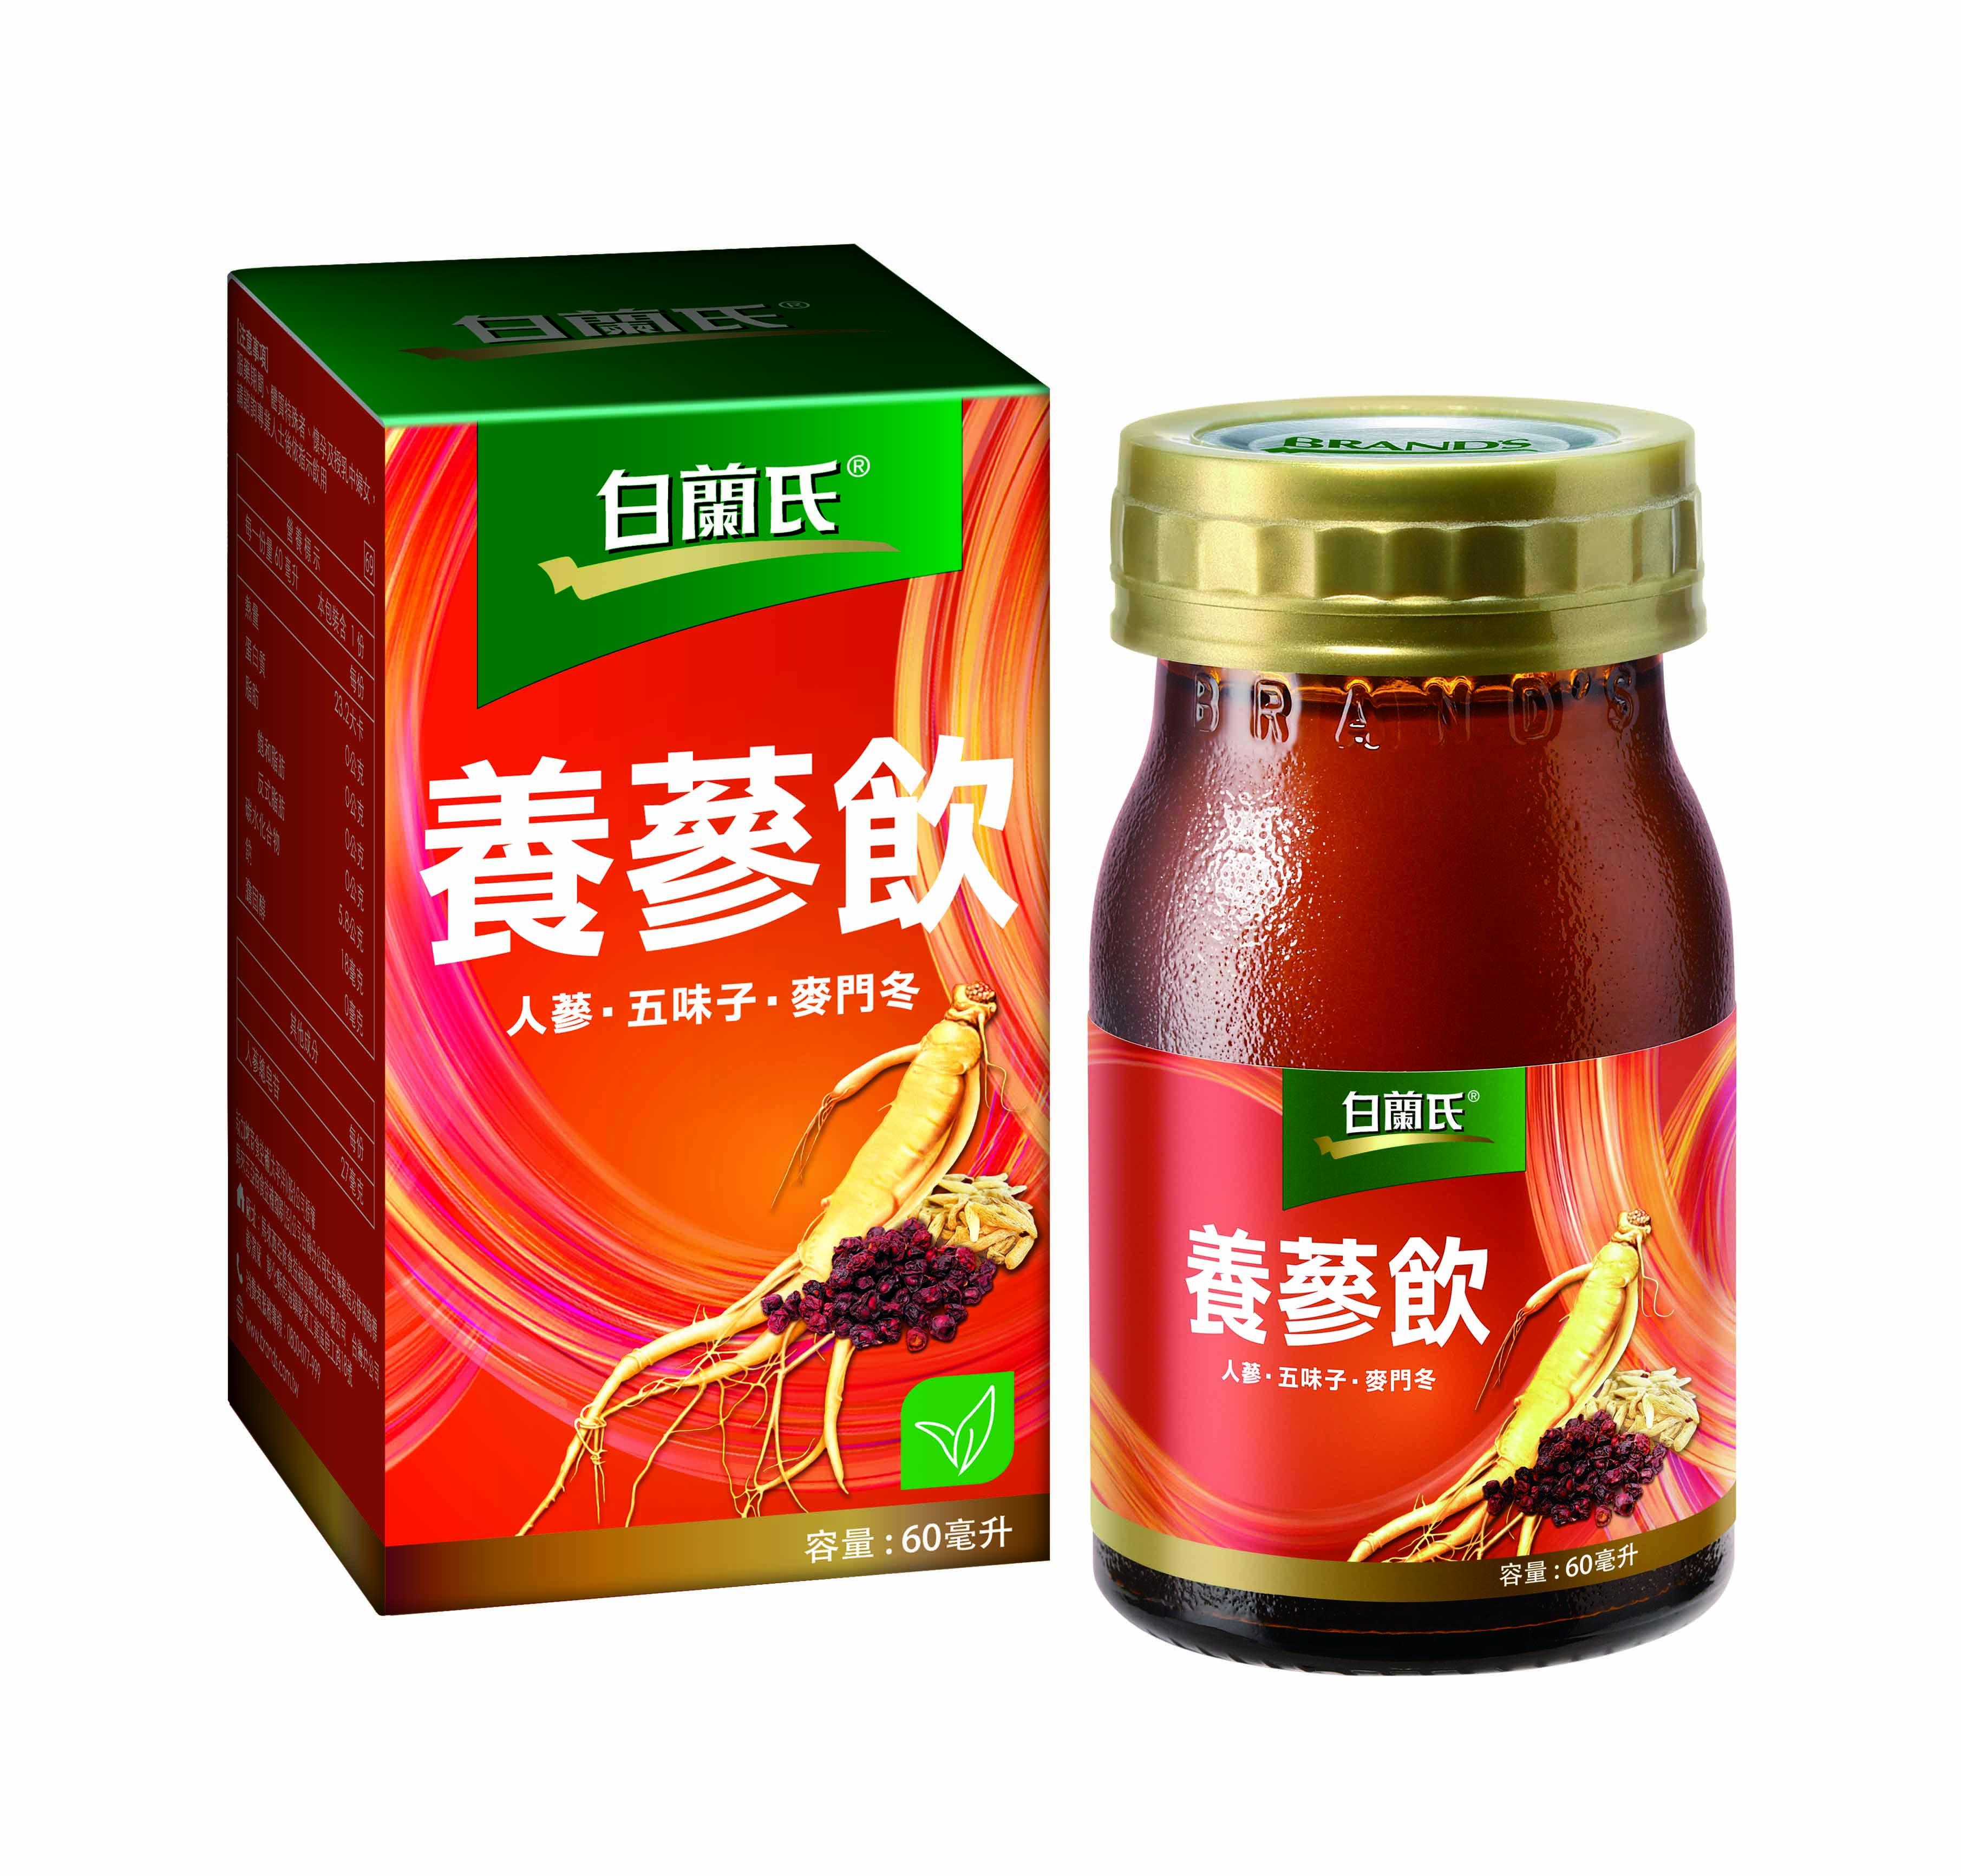 白蘭氏養蔘飲傳承乾隆御用養生配方,結合人蔘、五味子、麥門冬三大主要成分確實養氣最全面